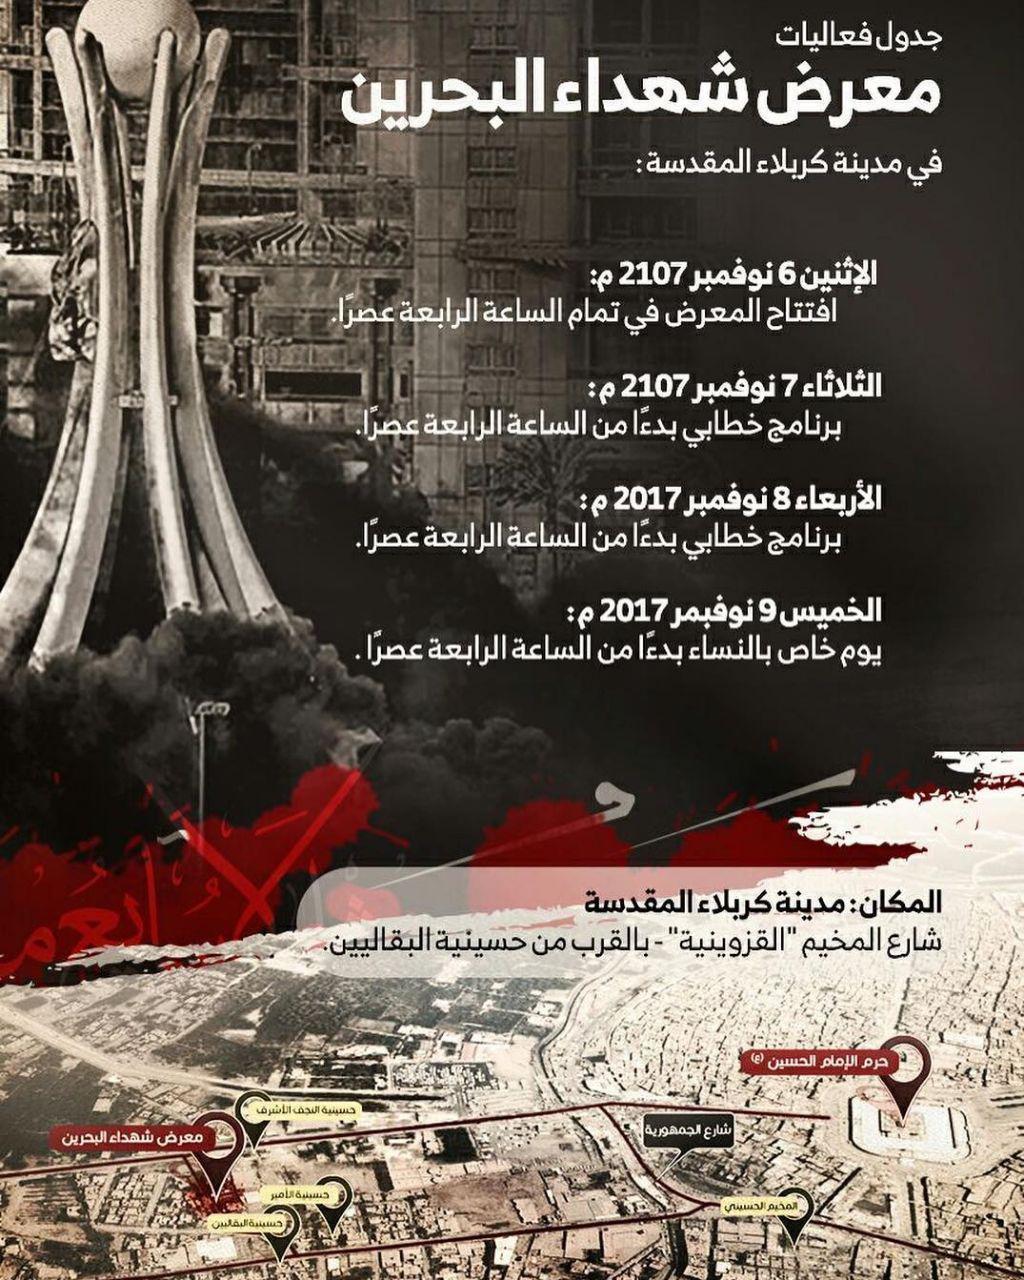 نمایشگاه «شهدای بحرین» در کربلا